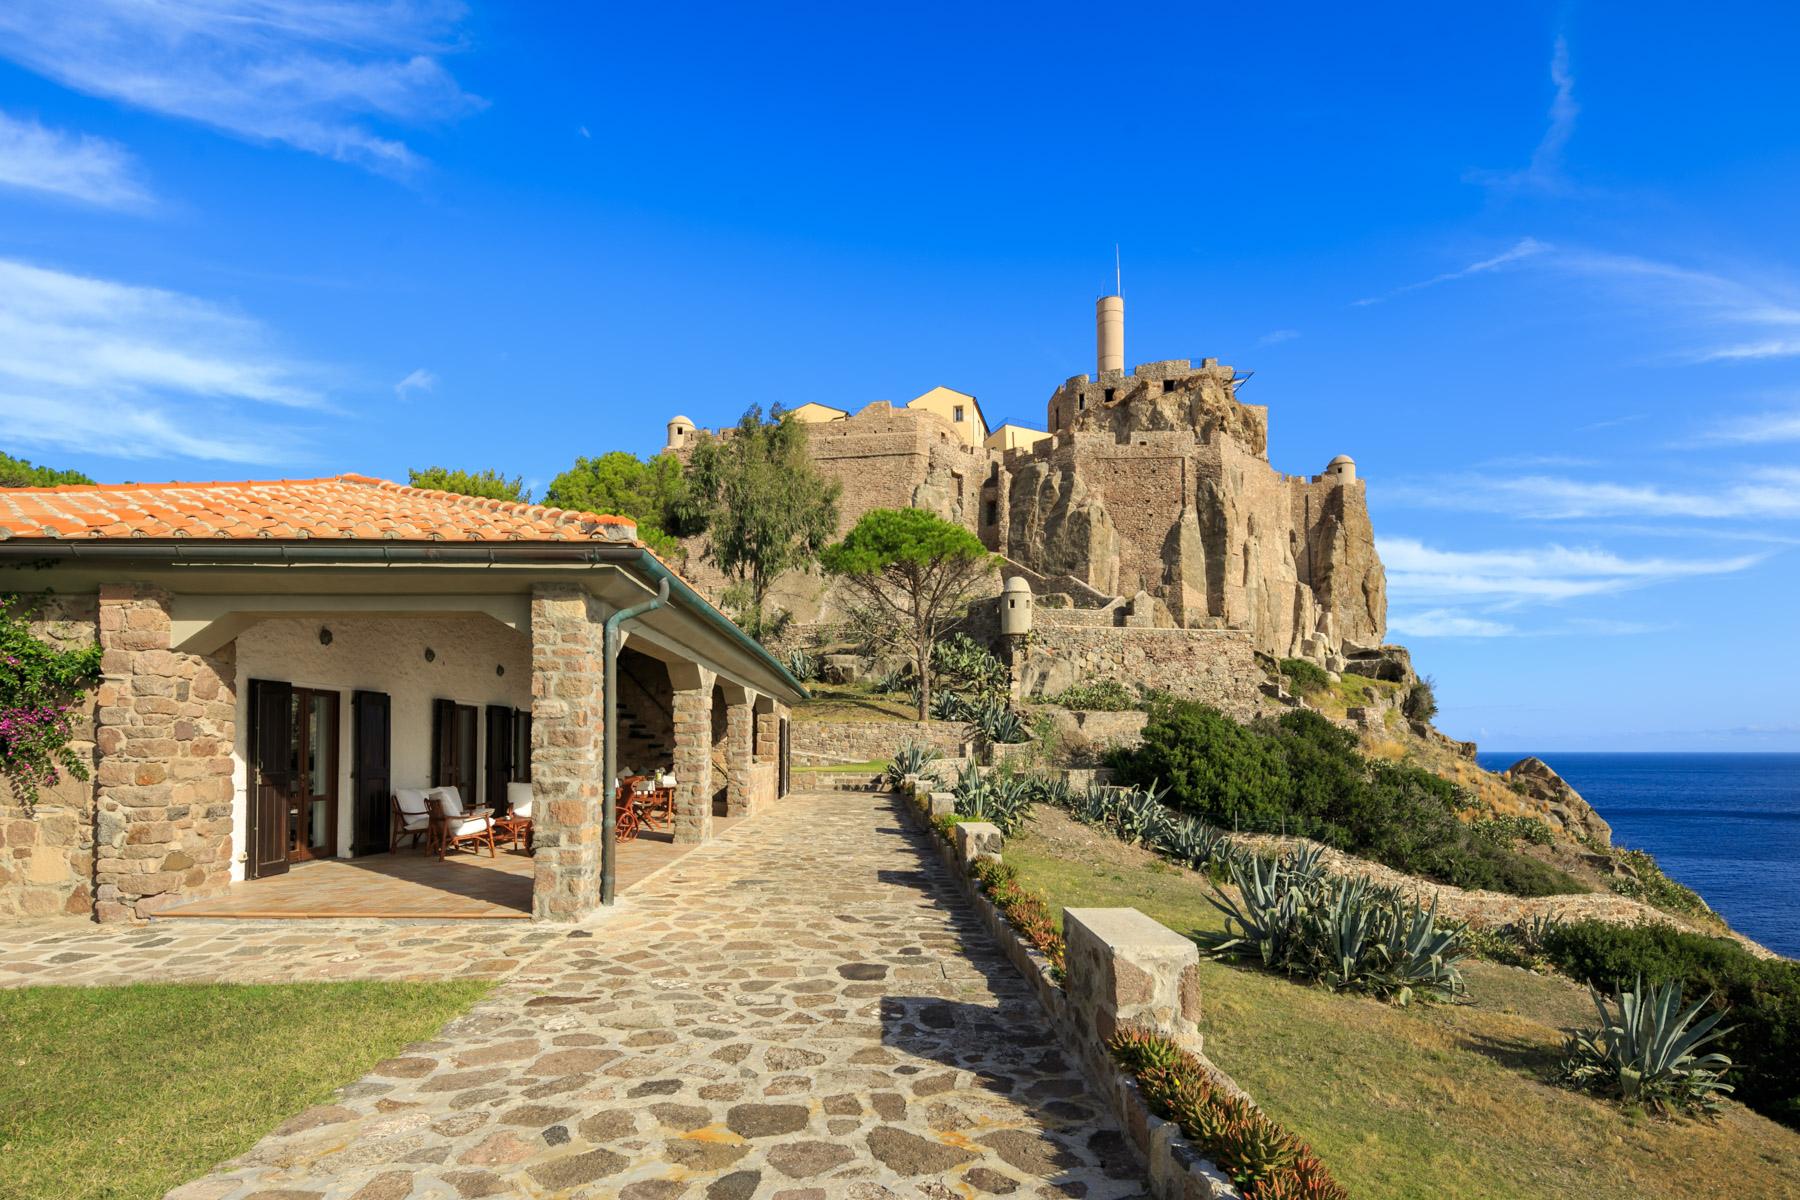 Villa in Vendita a Capraia Isola: 5 locali, 320 mq - Foto 30